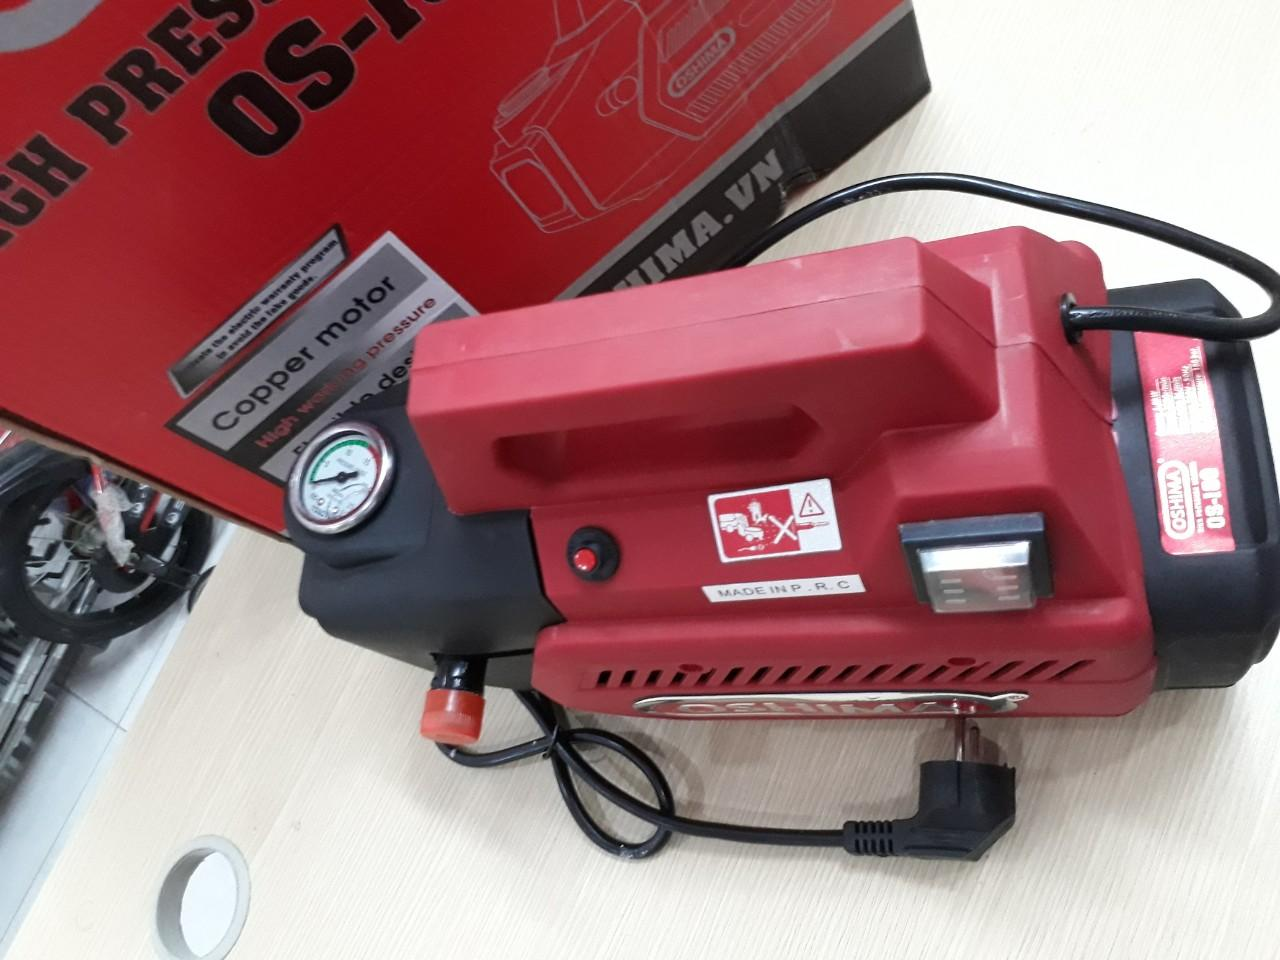 Máy rửa xe phun xịt cao áp OSHIMA OS - 180 với áp lực tối đa 180 bar cho lực phun mạnh mẽ.